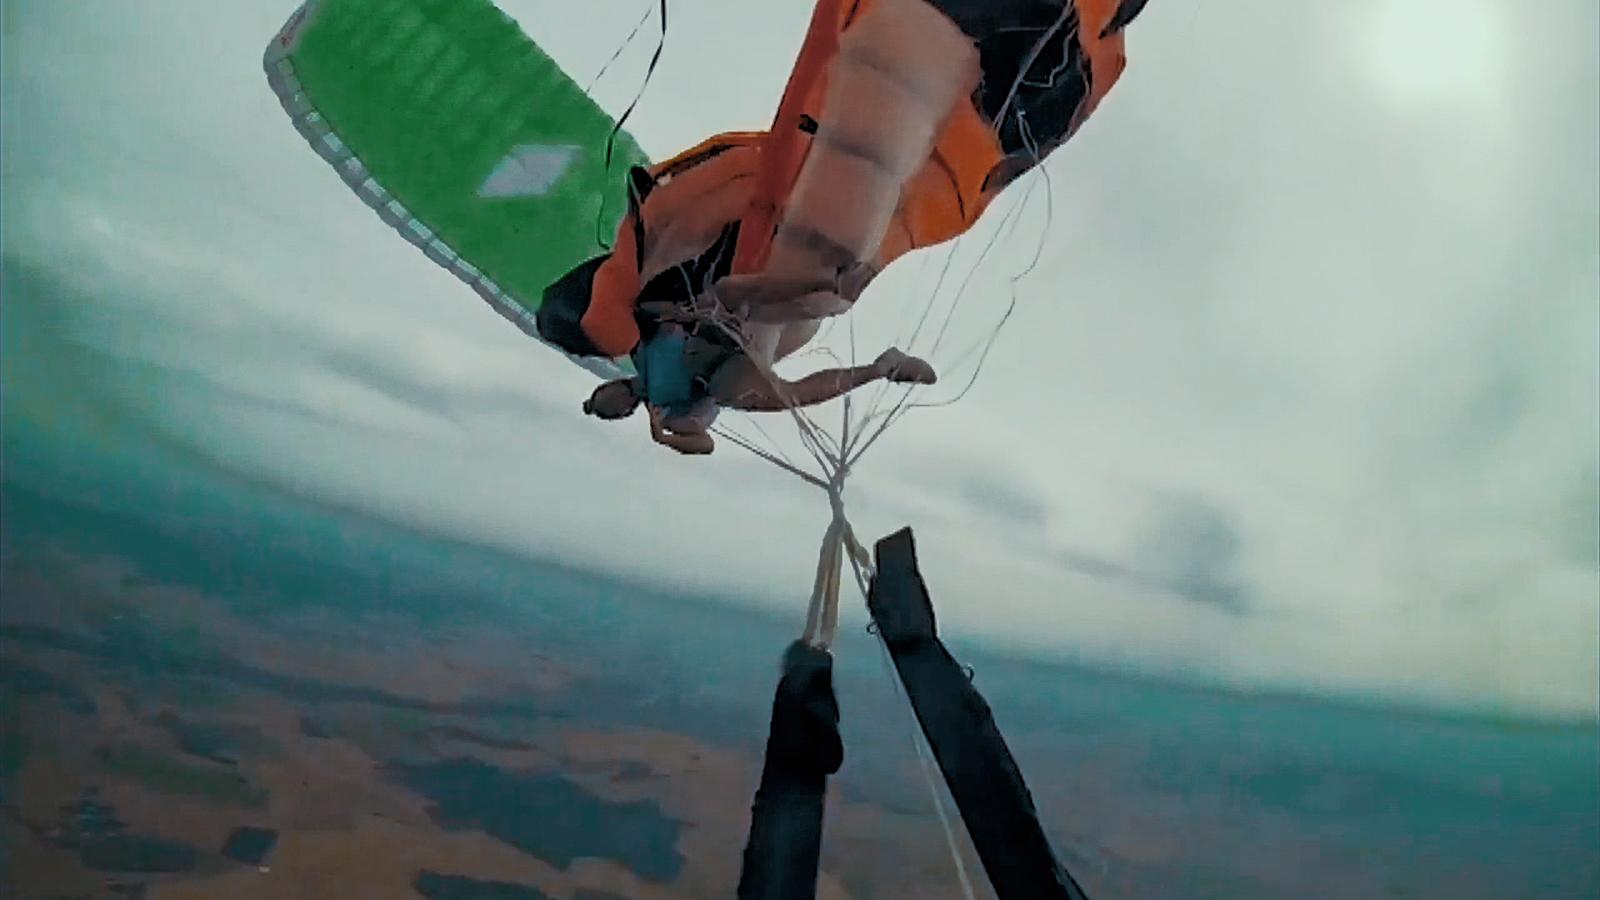 Temporada 1 Problemas bajo el agua, Paracaidismo extremo, Pelea en Rusia